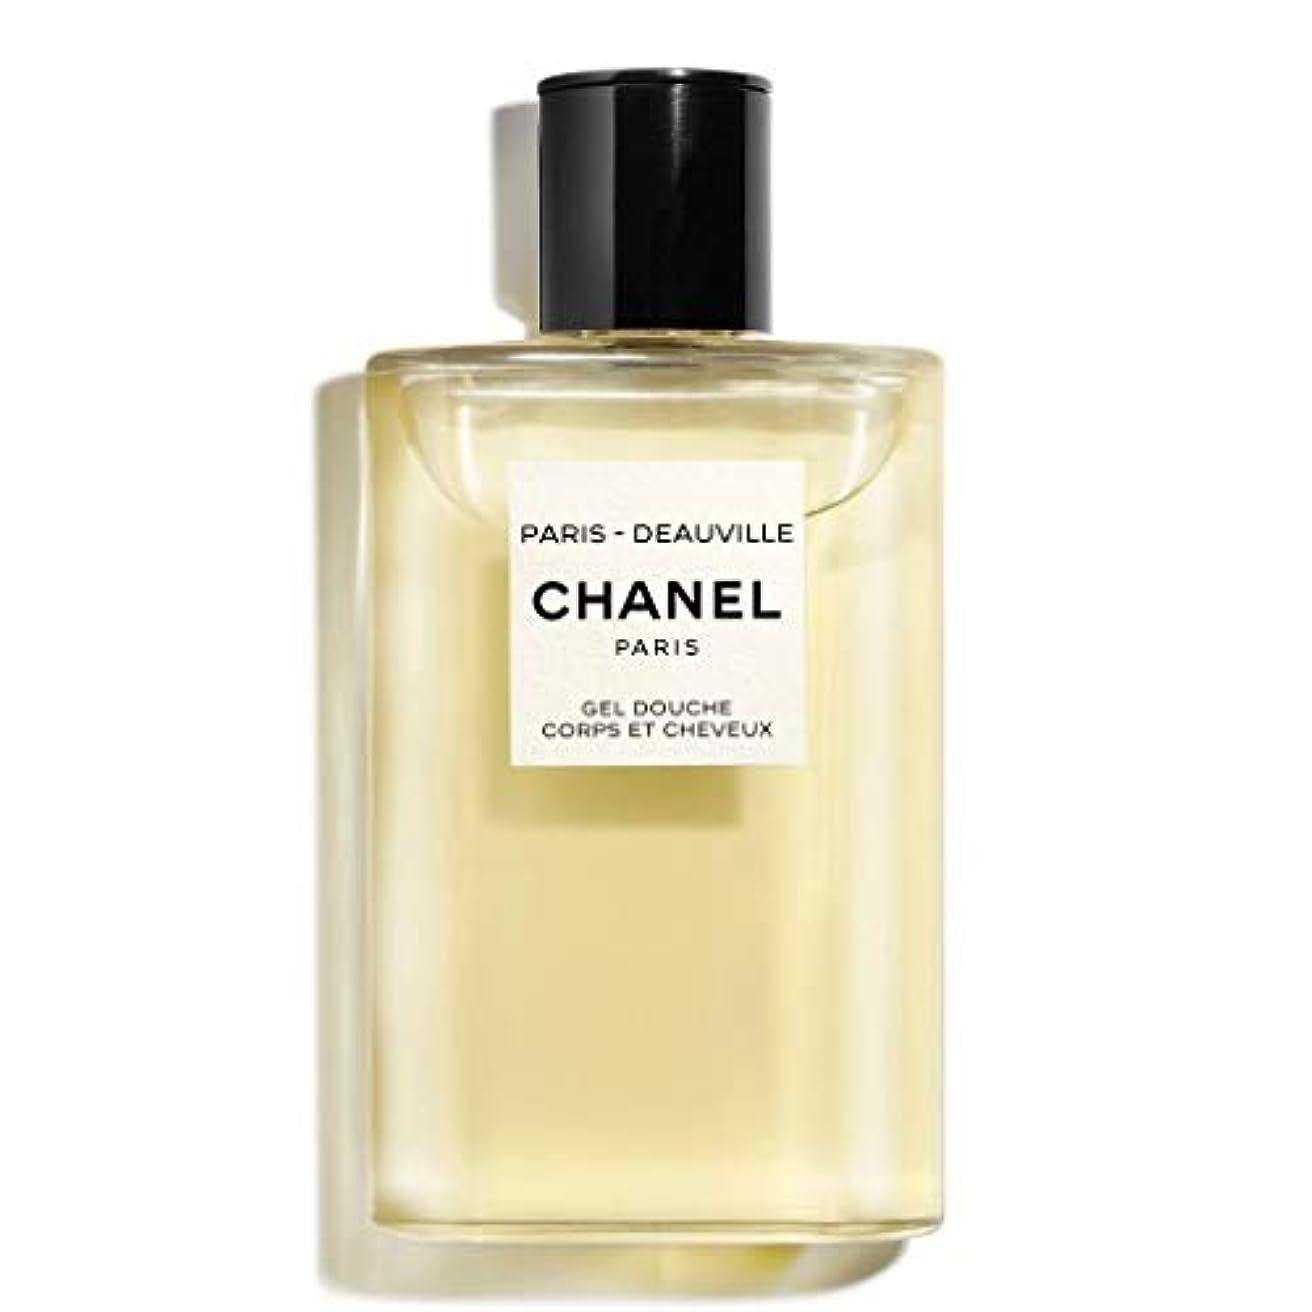 輝度仕出します身元【国内正規品】CHANEL シャネル パリ ドーヴィル ヘア&ボディ シャワー ジェル 200ml